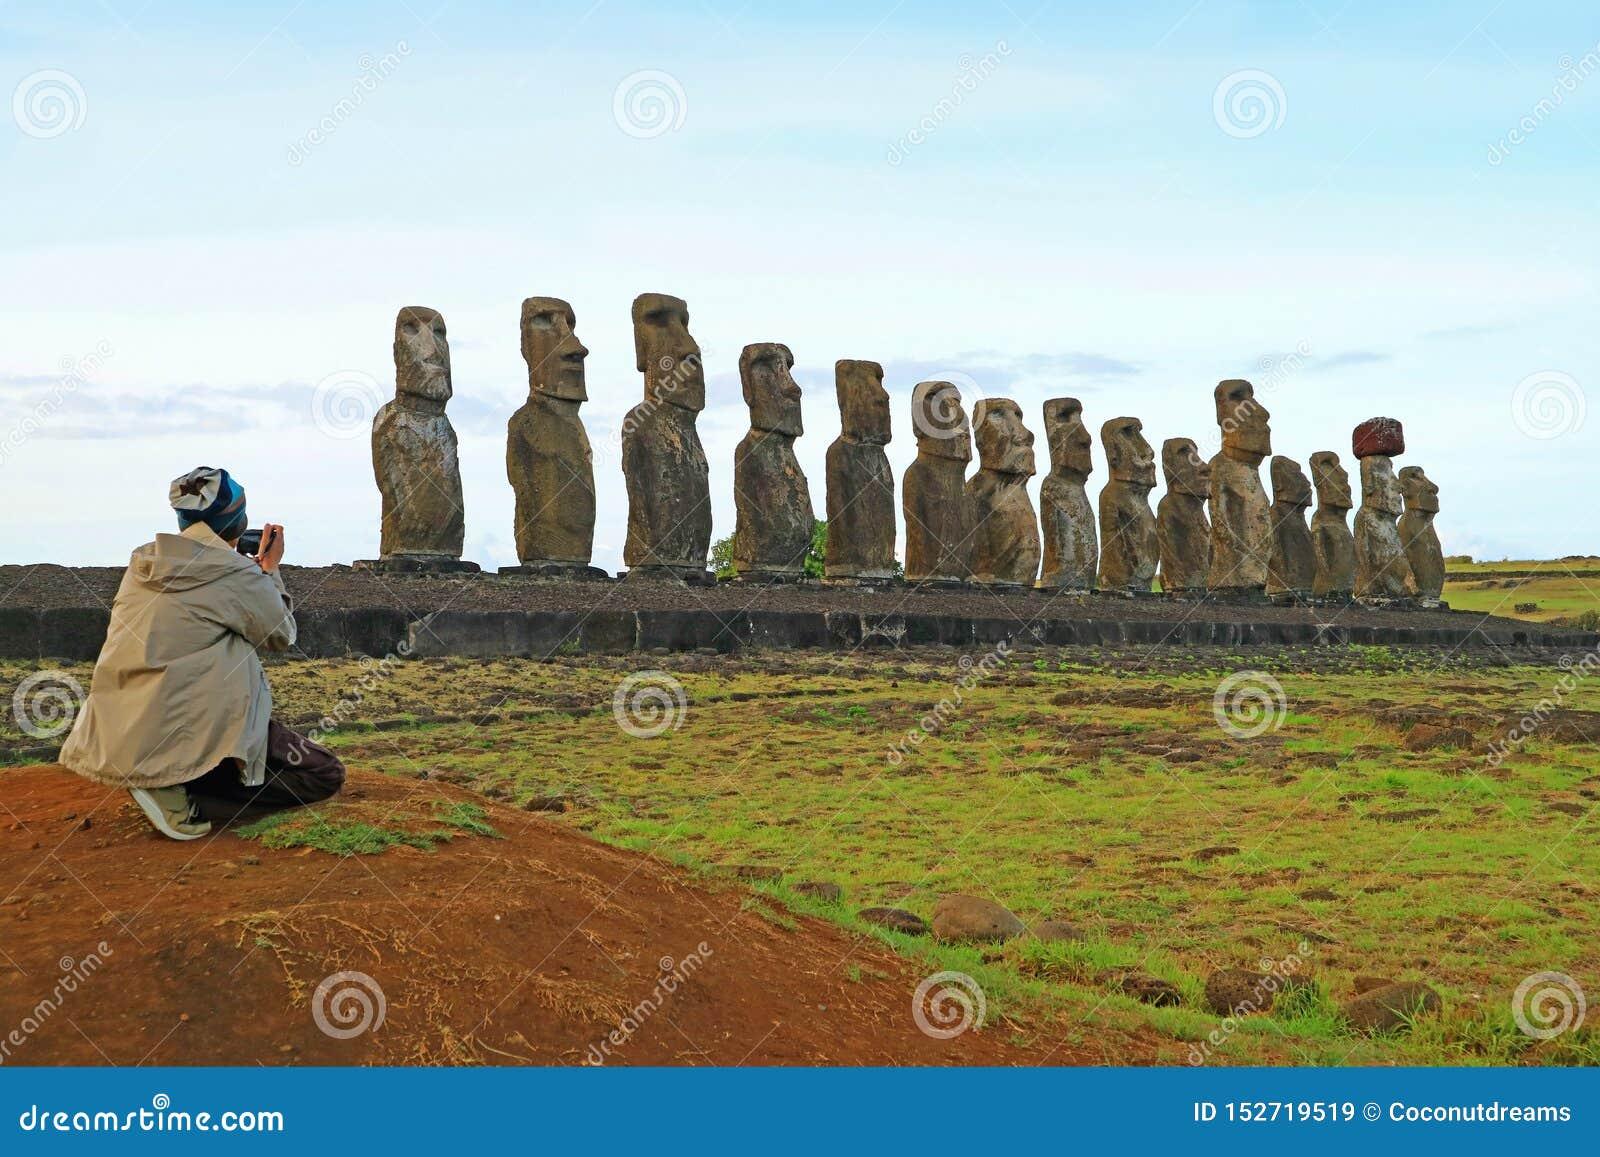 Moai Statues On Easter Island. Ahu Tongariki Stock Photo